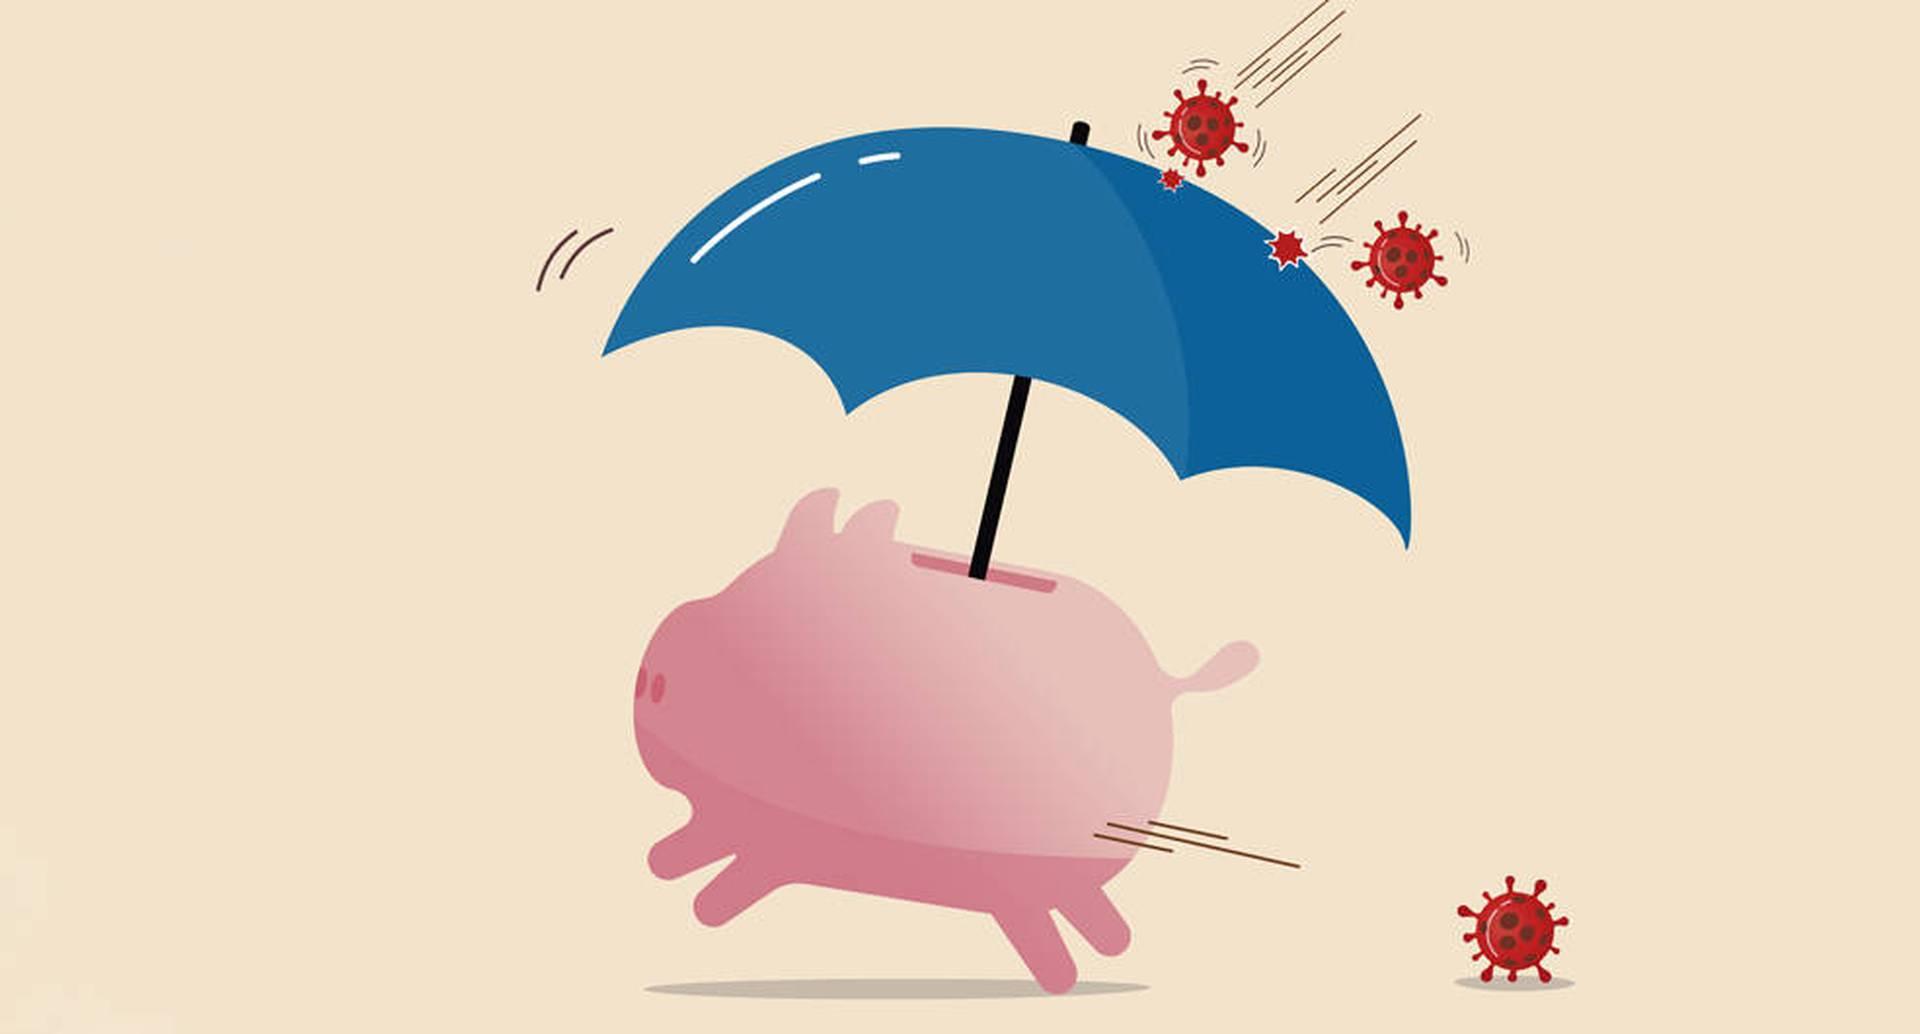 En abril, el gasto real de los hogares reportó una caída histórica del 5,1 por ciento, según la consultora Raddar.